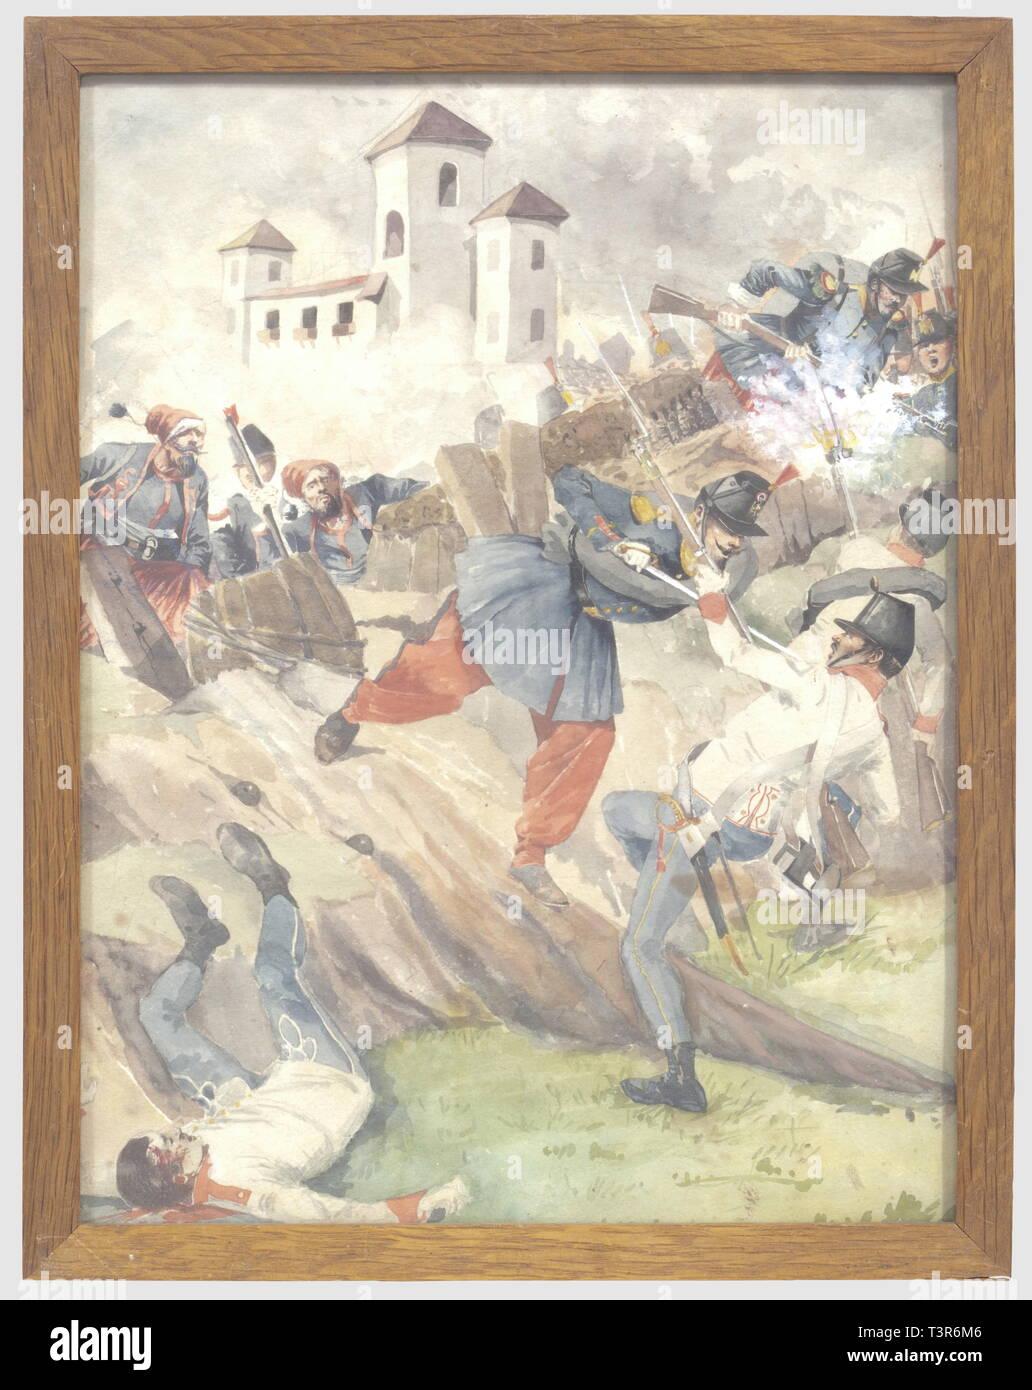 SECONDE REPUBLIQUE ET SECOND EMPIRE 1848-1870, Aquarelle sur papier représentant un assaut d'infanterie francaise, (zouaves et voltigeurs) contre de l'infanterie autrichienne pendant la campagne d'Italie (1859). Hauteur 29 cm, largeur 22,5 cm. Ensemble en bon état, présenté sous verre, cadre en bois naturel d'origine. Le cadre porte au dos le cachet de l'escadron des Cent Gardes, ce petit tableau appartenait au colonel Verly commandant l'unité, il était par tradition exposé dans son bureau, Additional-Rights-Clearance-Info-Not-Available - Stock Image